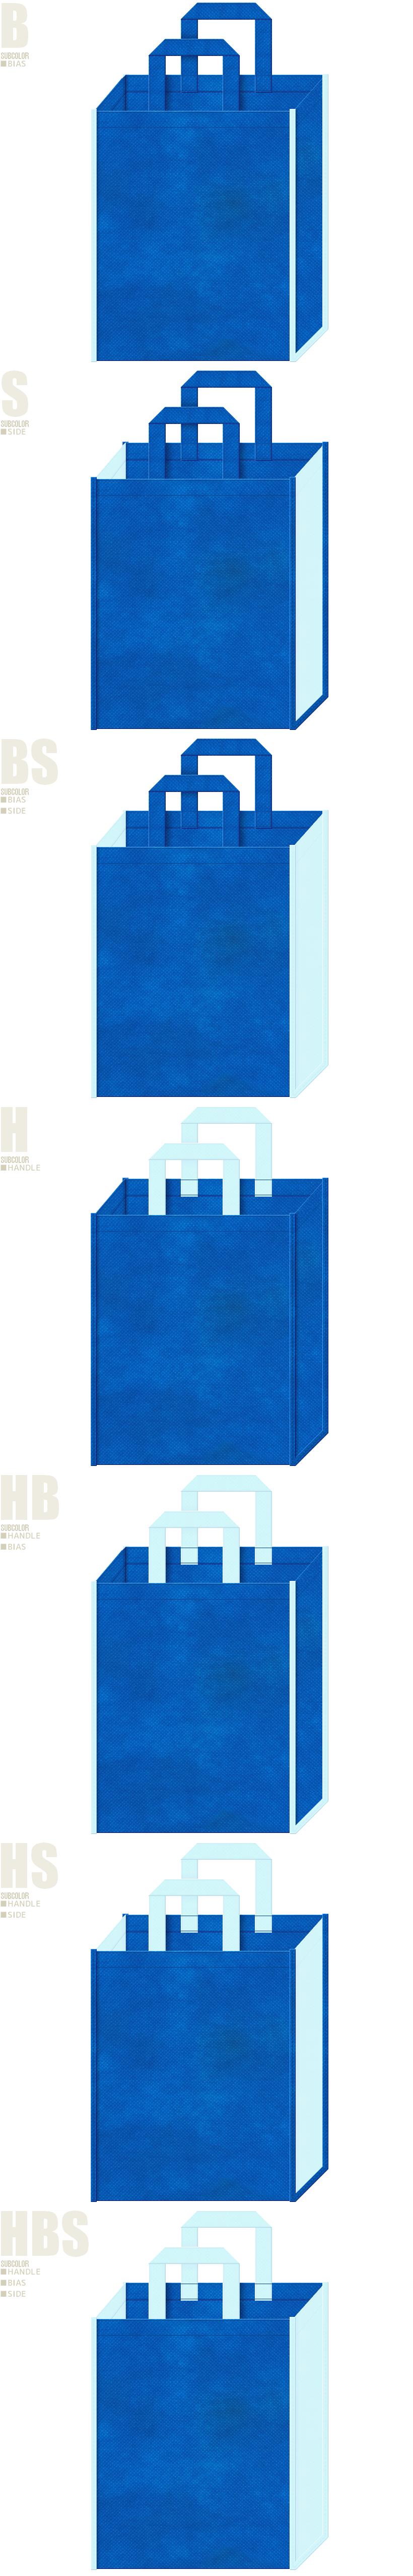 不織布トートバッグのデザイン例-不織布メインカラーNo.22+サブカラーNo.30の2色7パターン